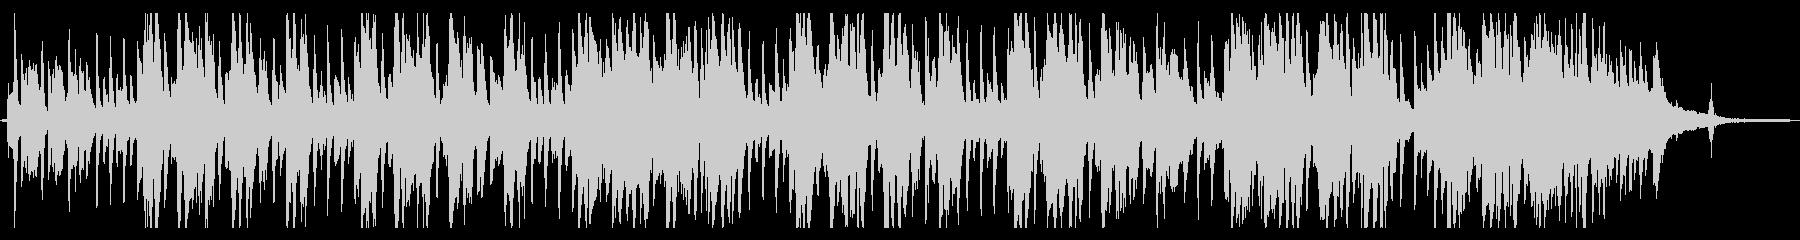 古いタイムストライドピアノは、この...の未再生の波形